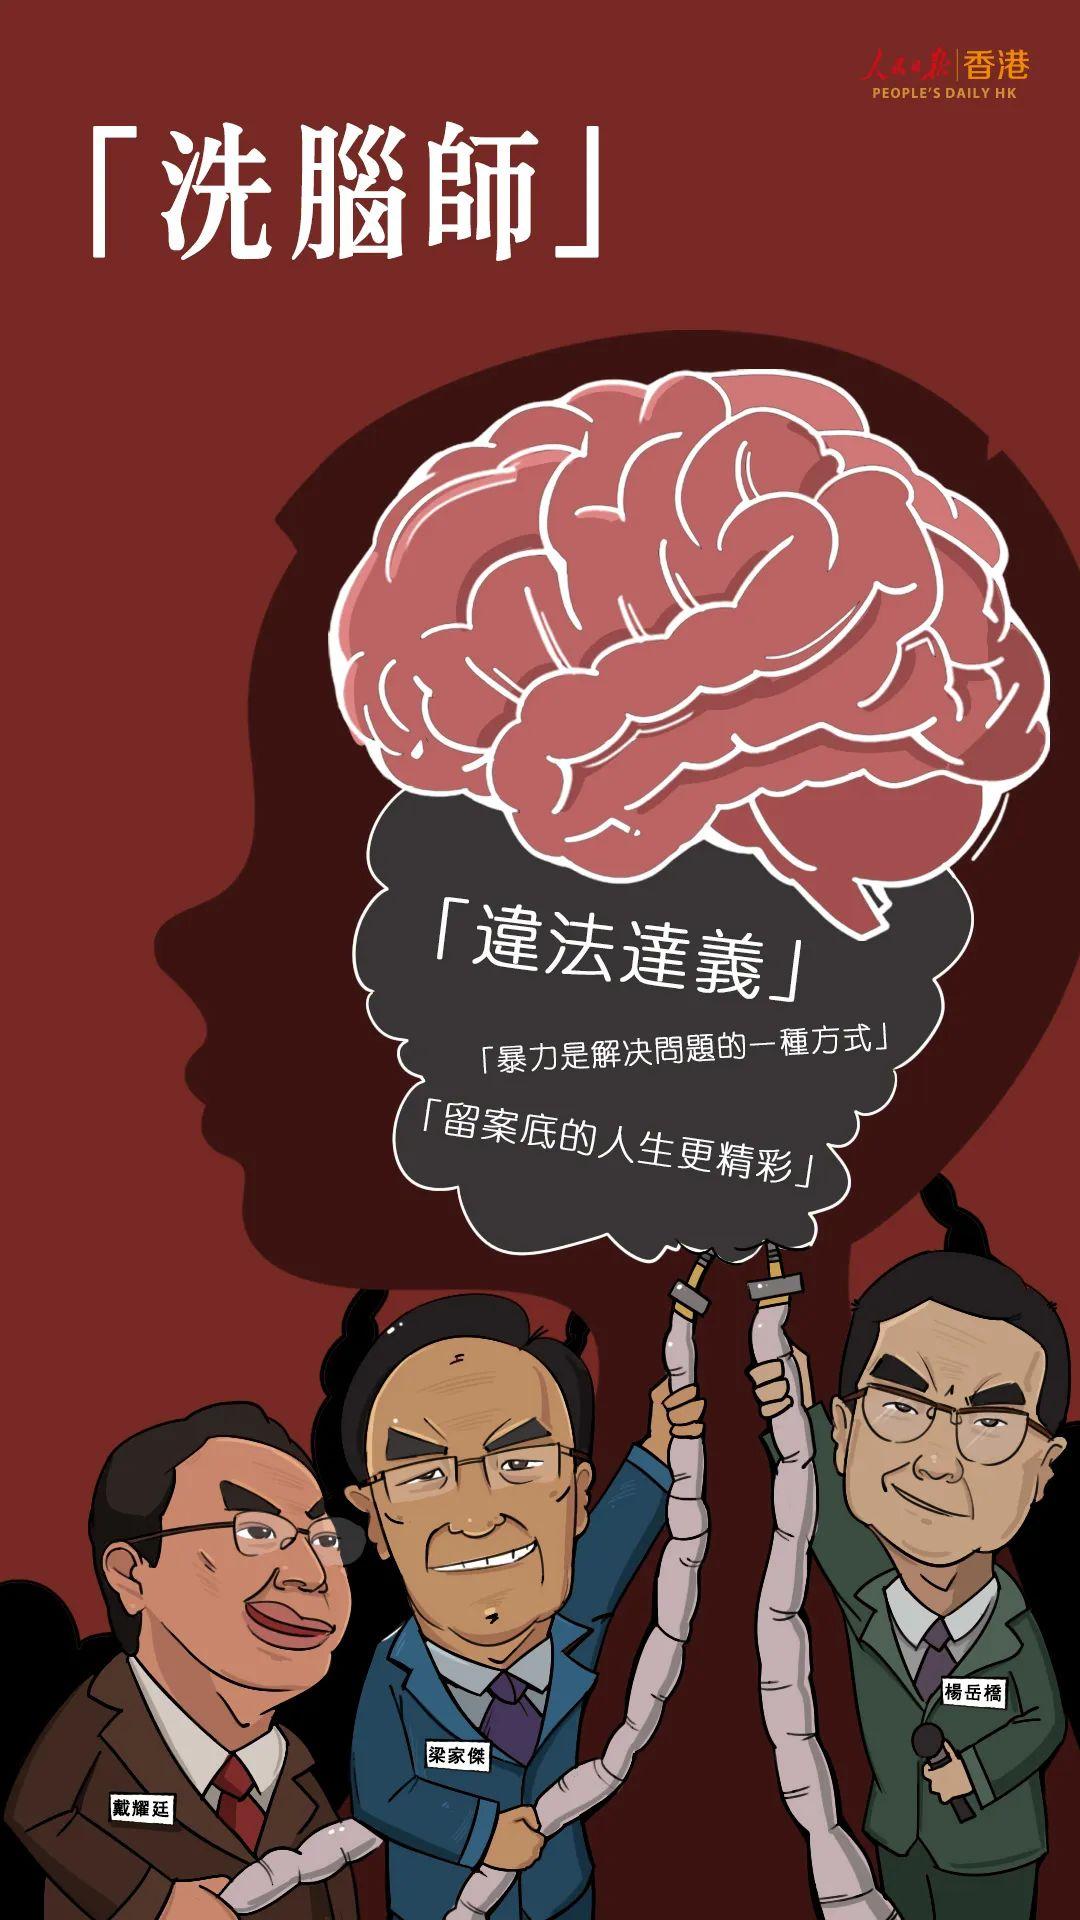 「摩天招商」锐评斩断摩天招商伸向香港教育的黑手不图片